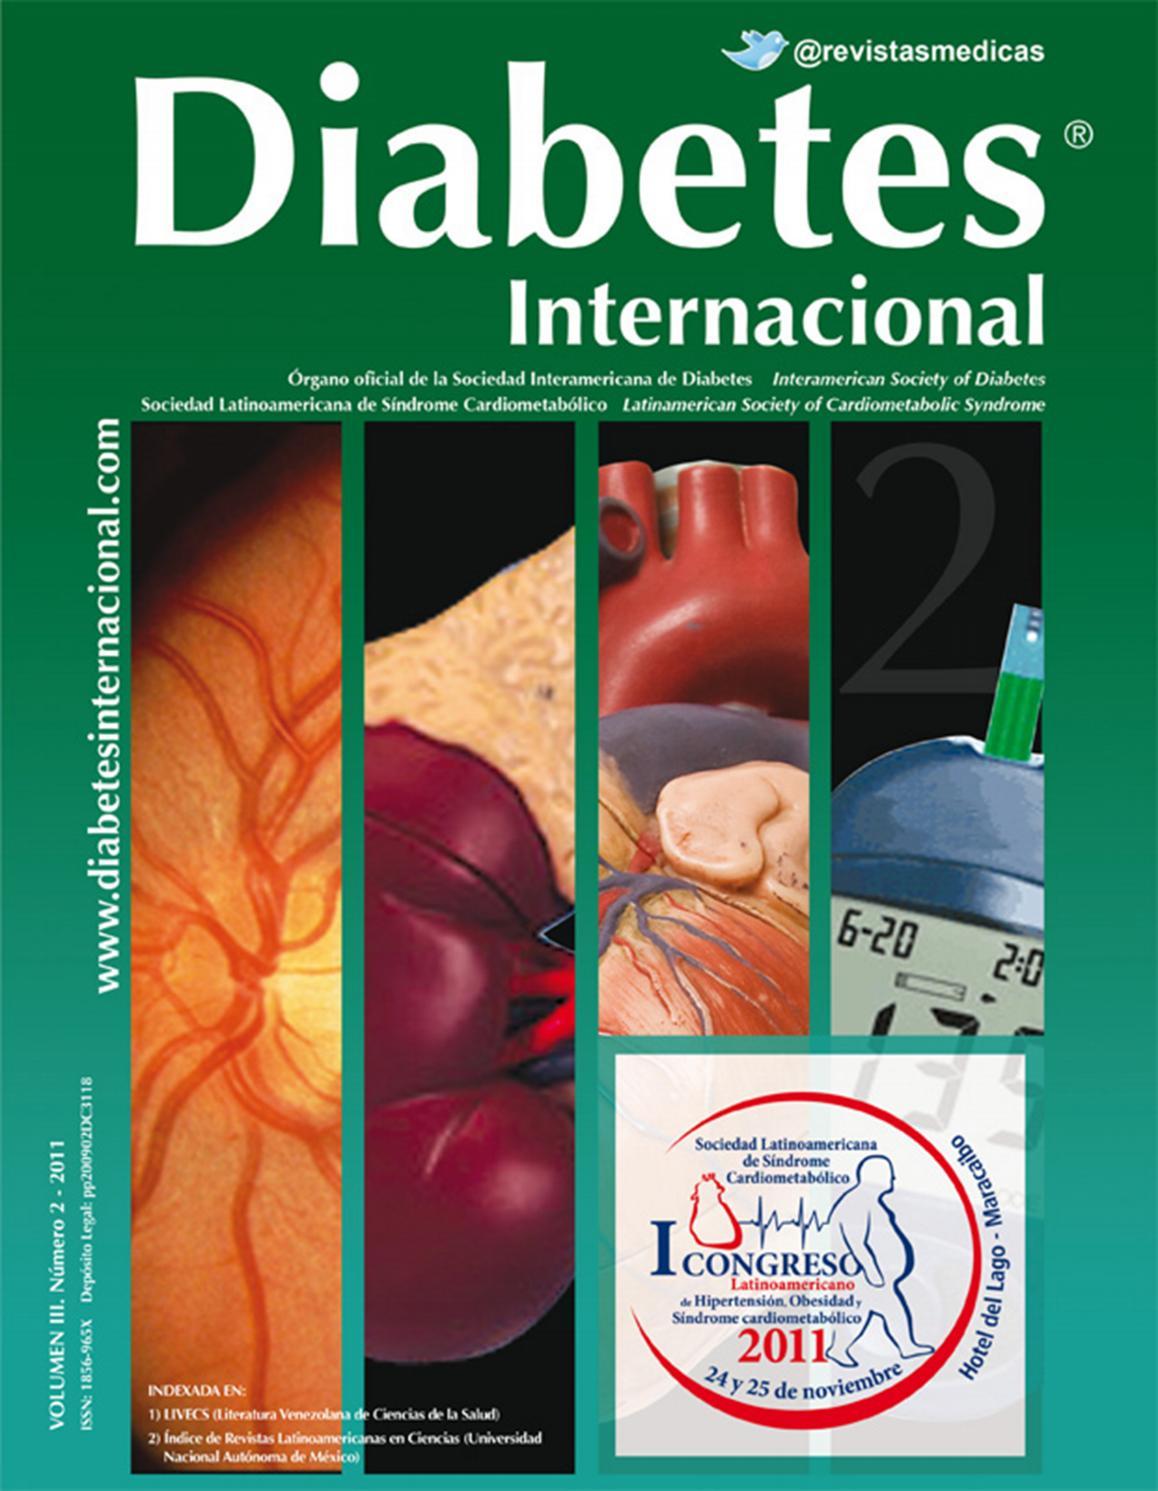 programa de ejercicio de diabetes bernstein